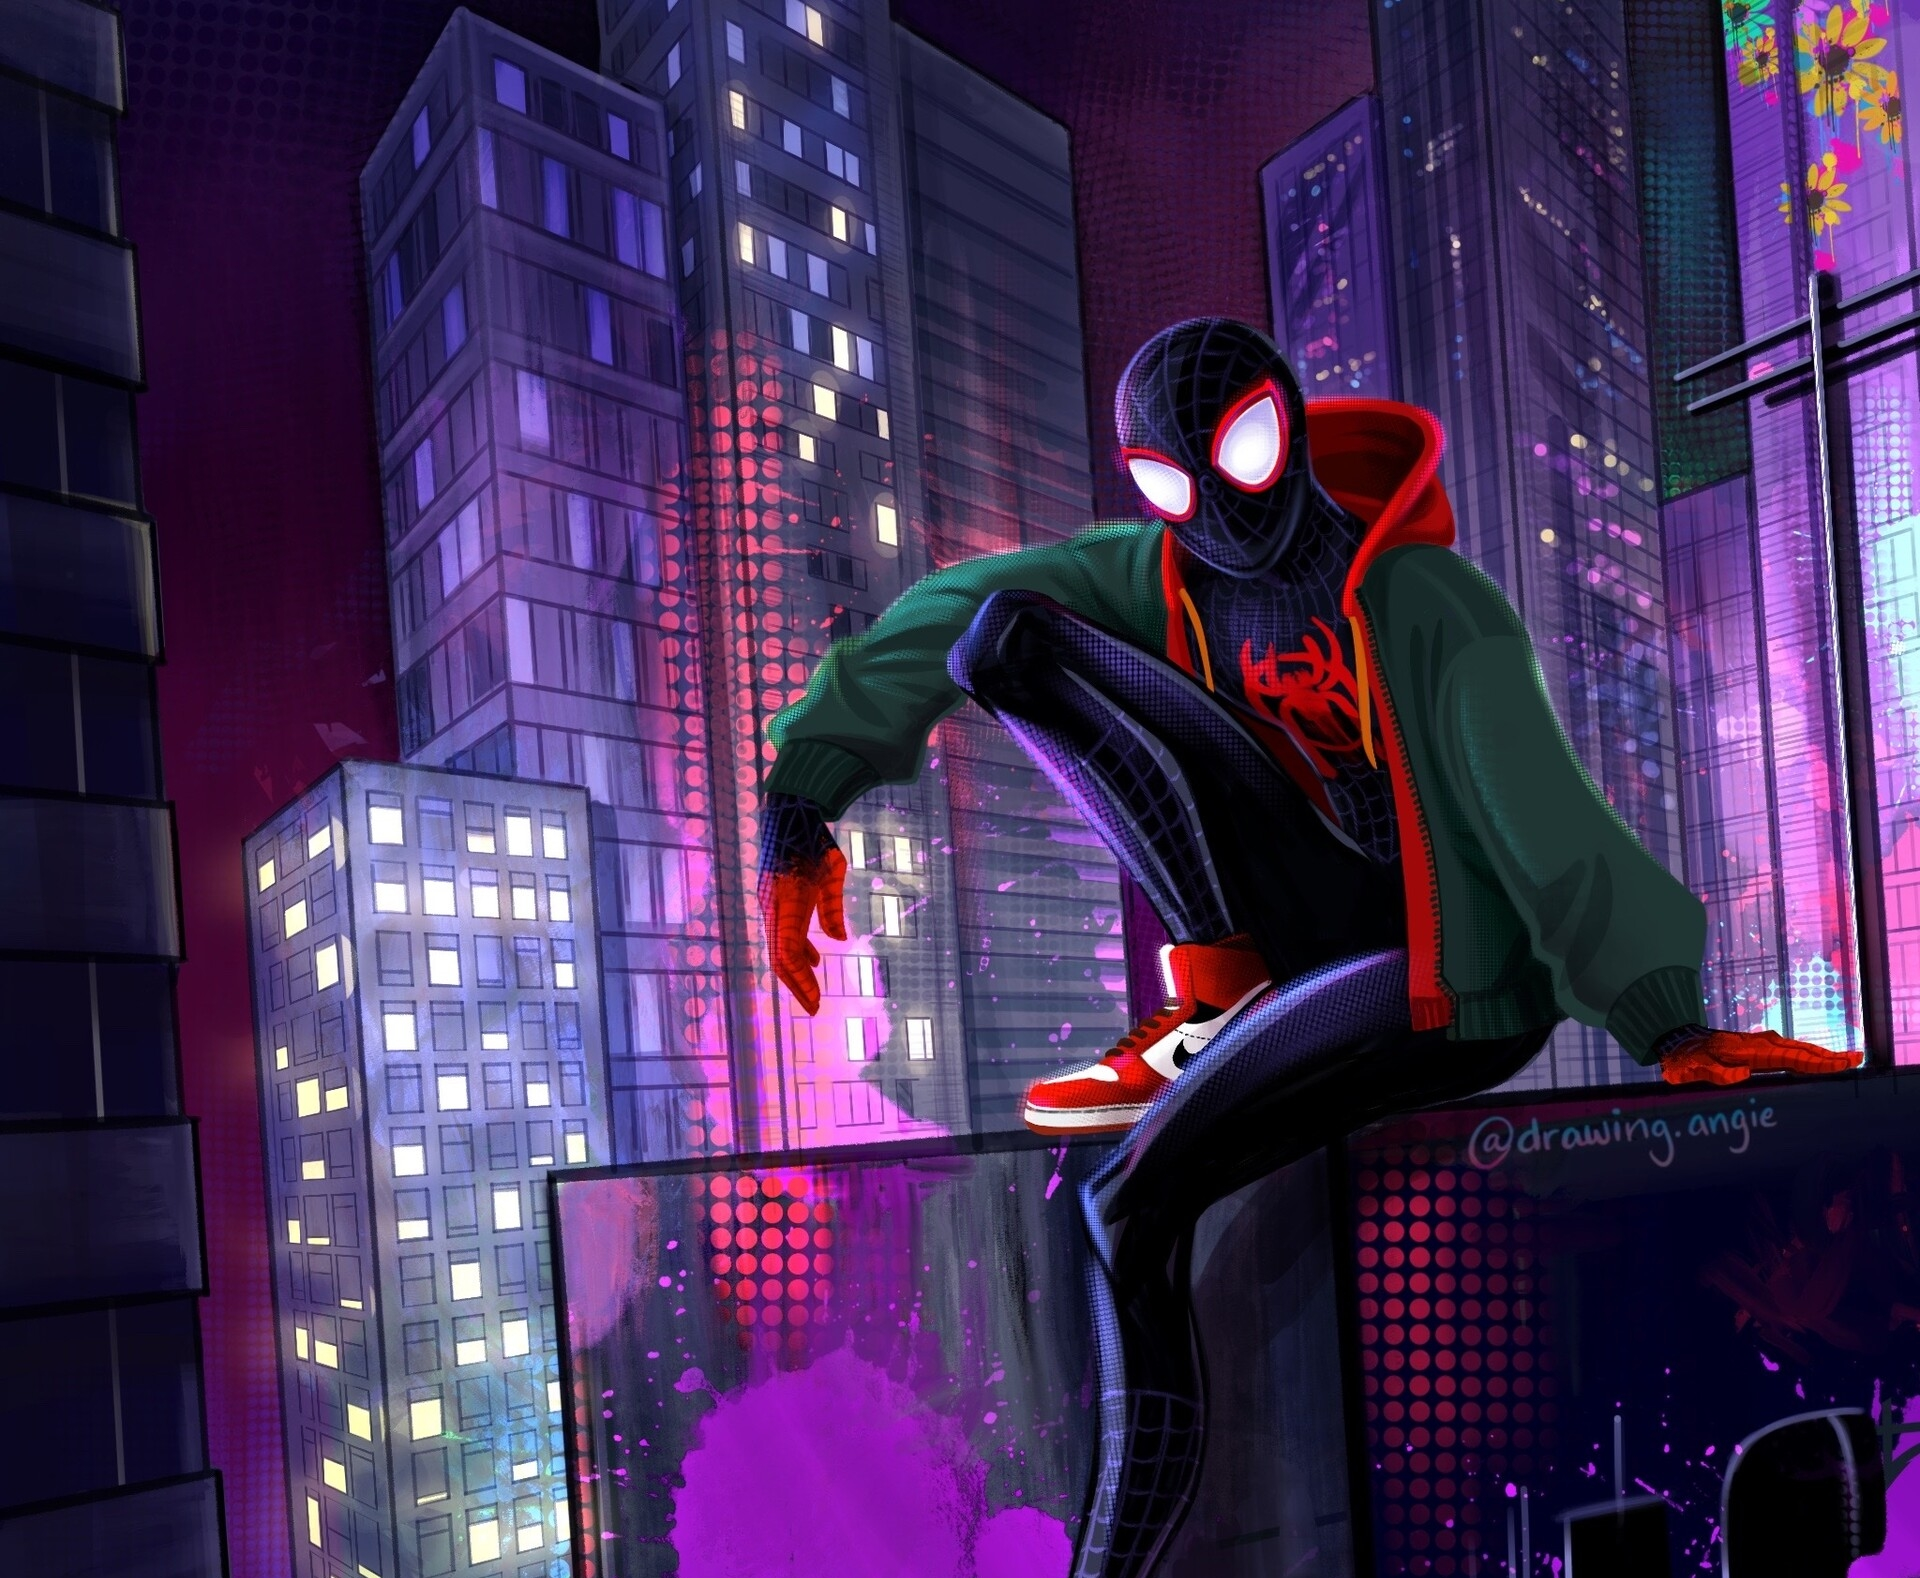 Homem Aranha No Aranhaverso Papel De Parede Hd Plano De Fundo